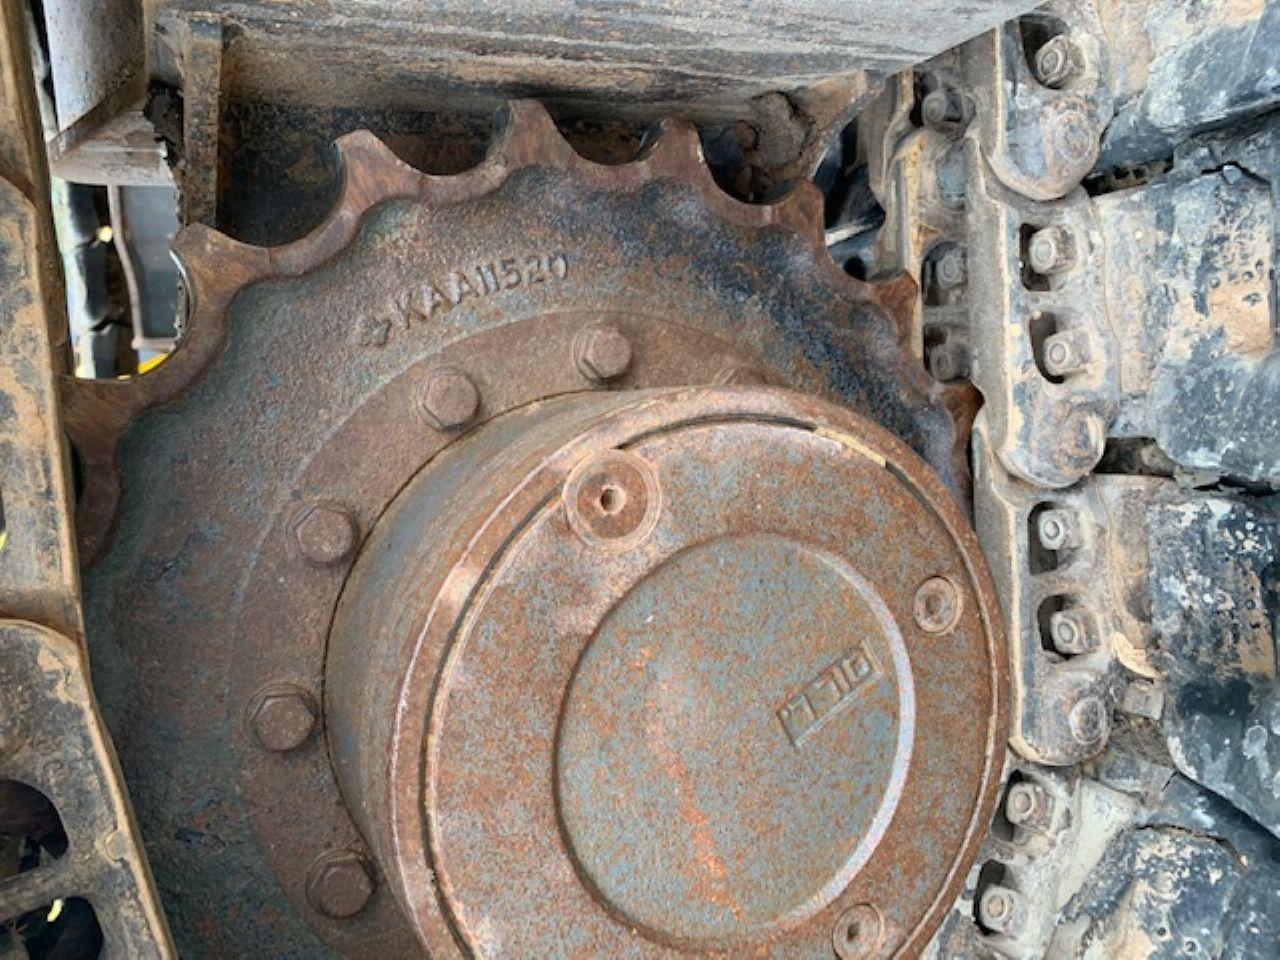 CASE CX80C EXCAVATOR - Picture 5